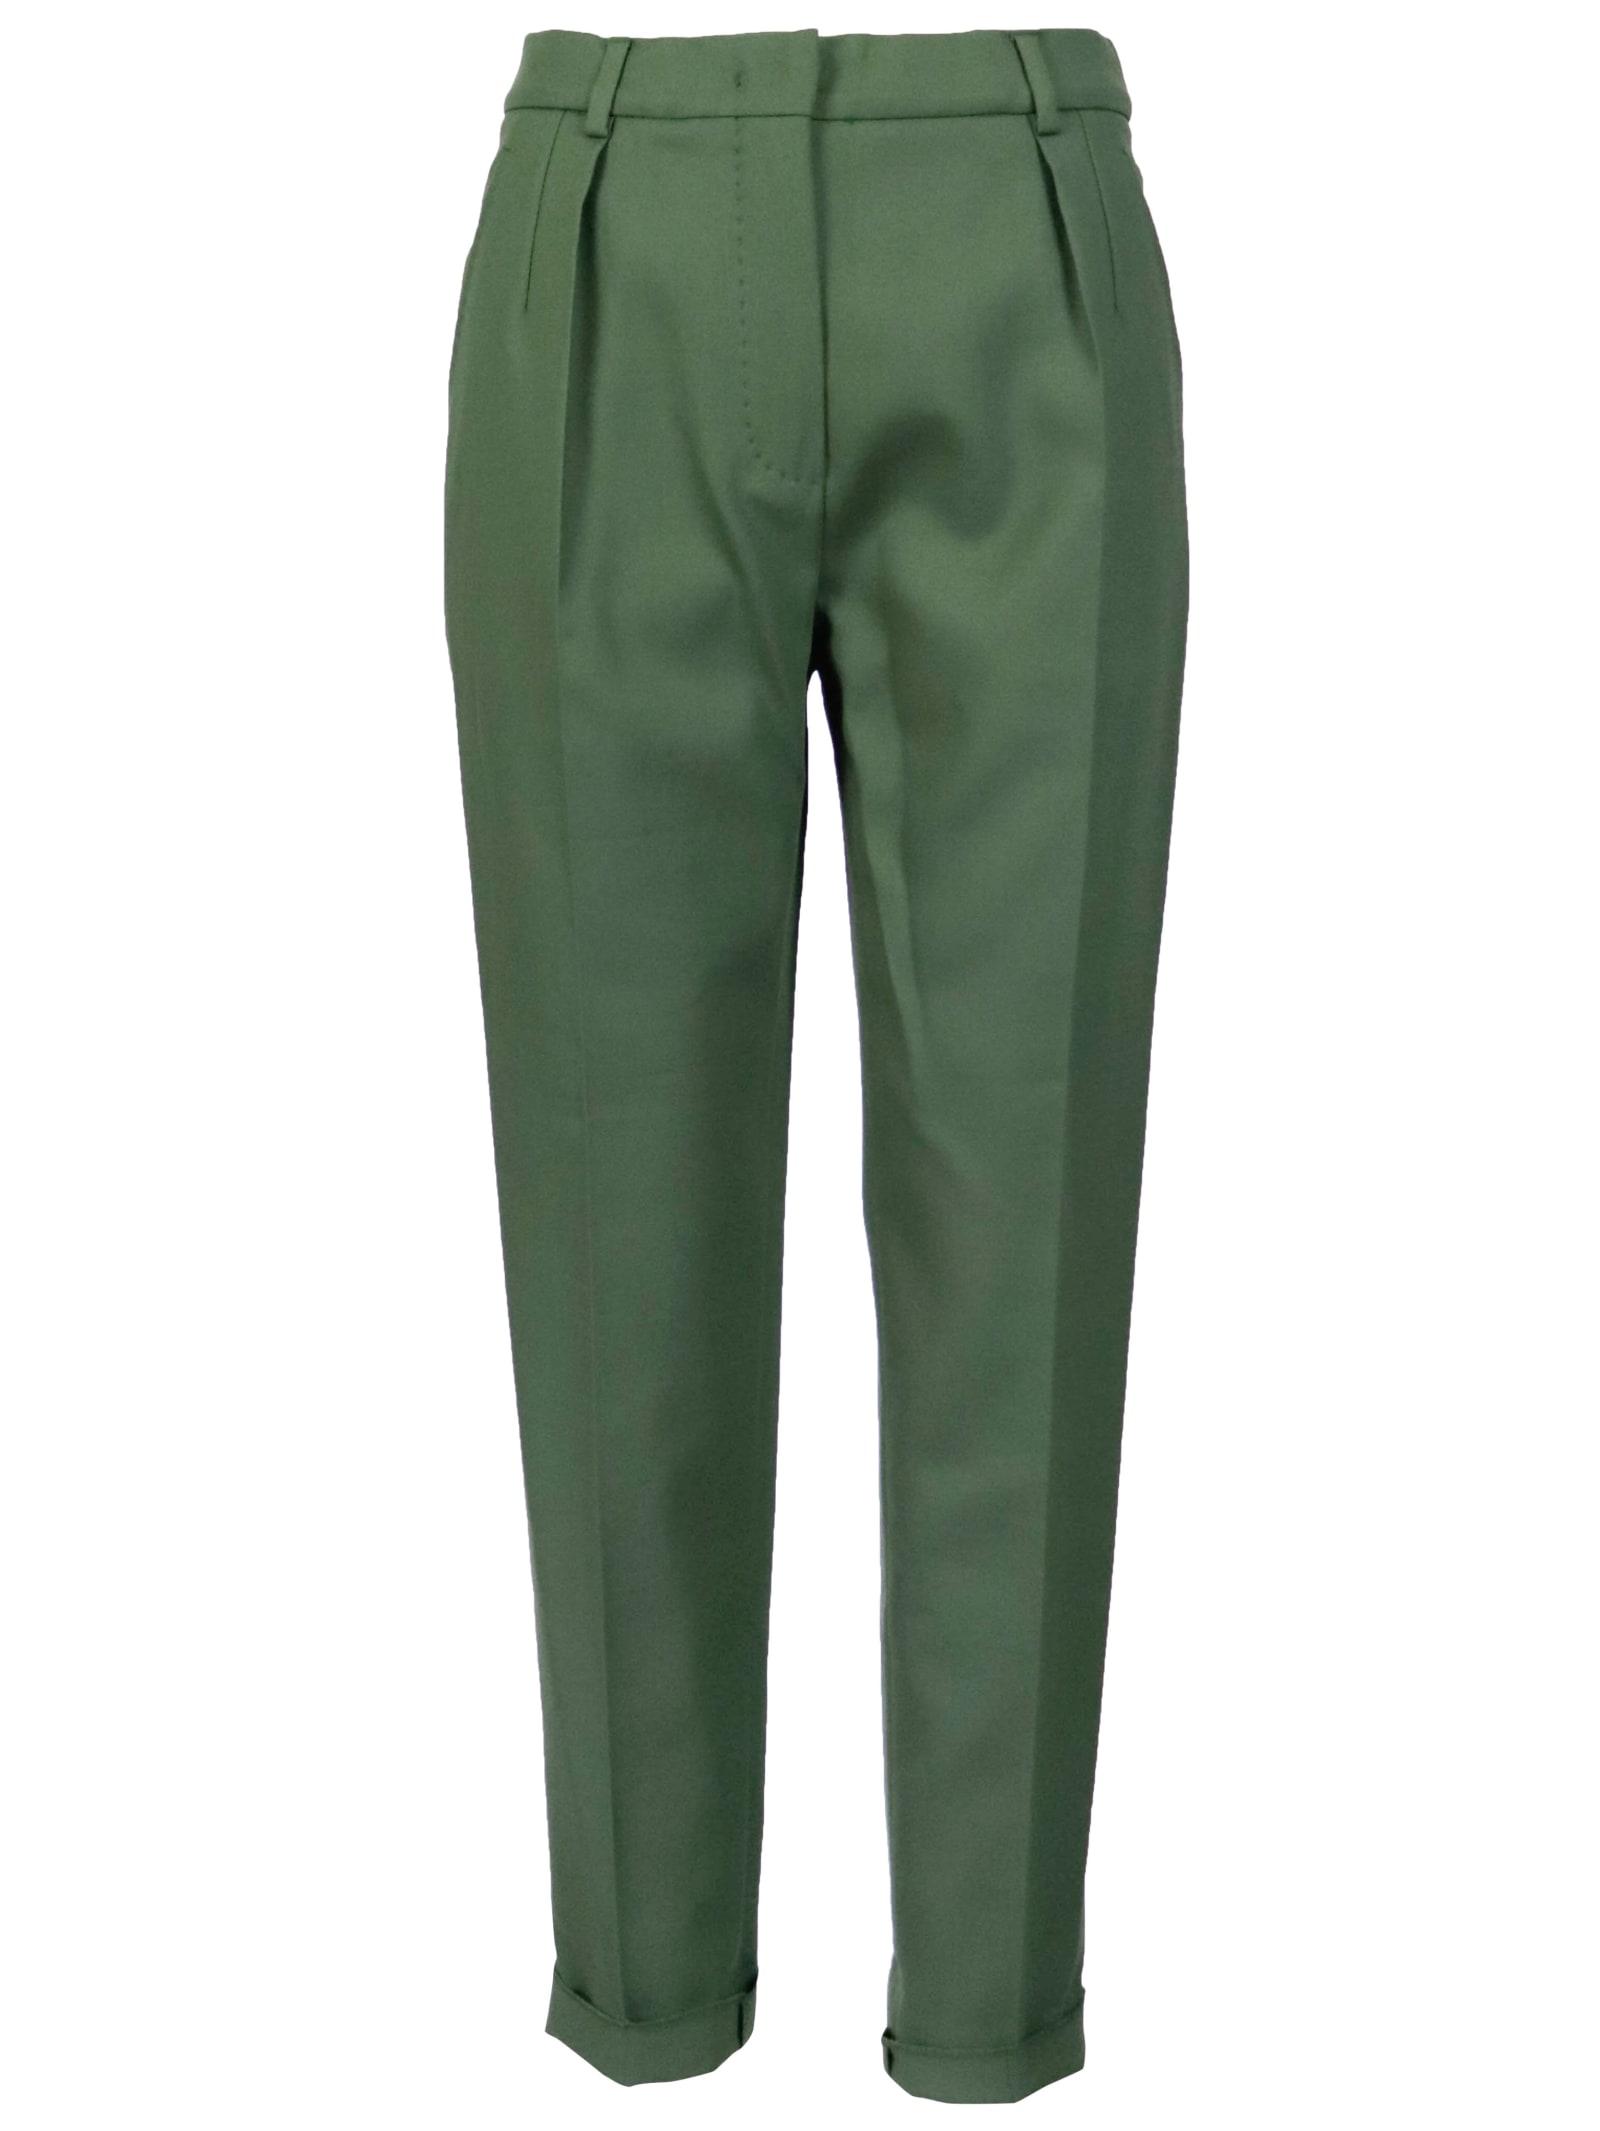 Adua Trousers